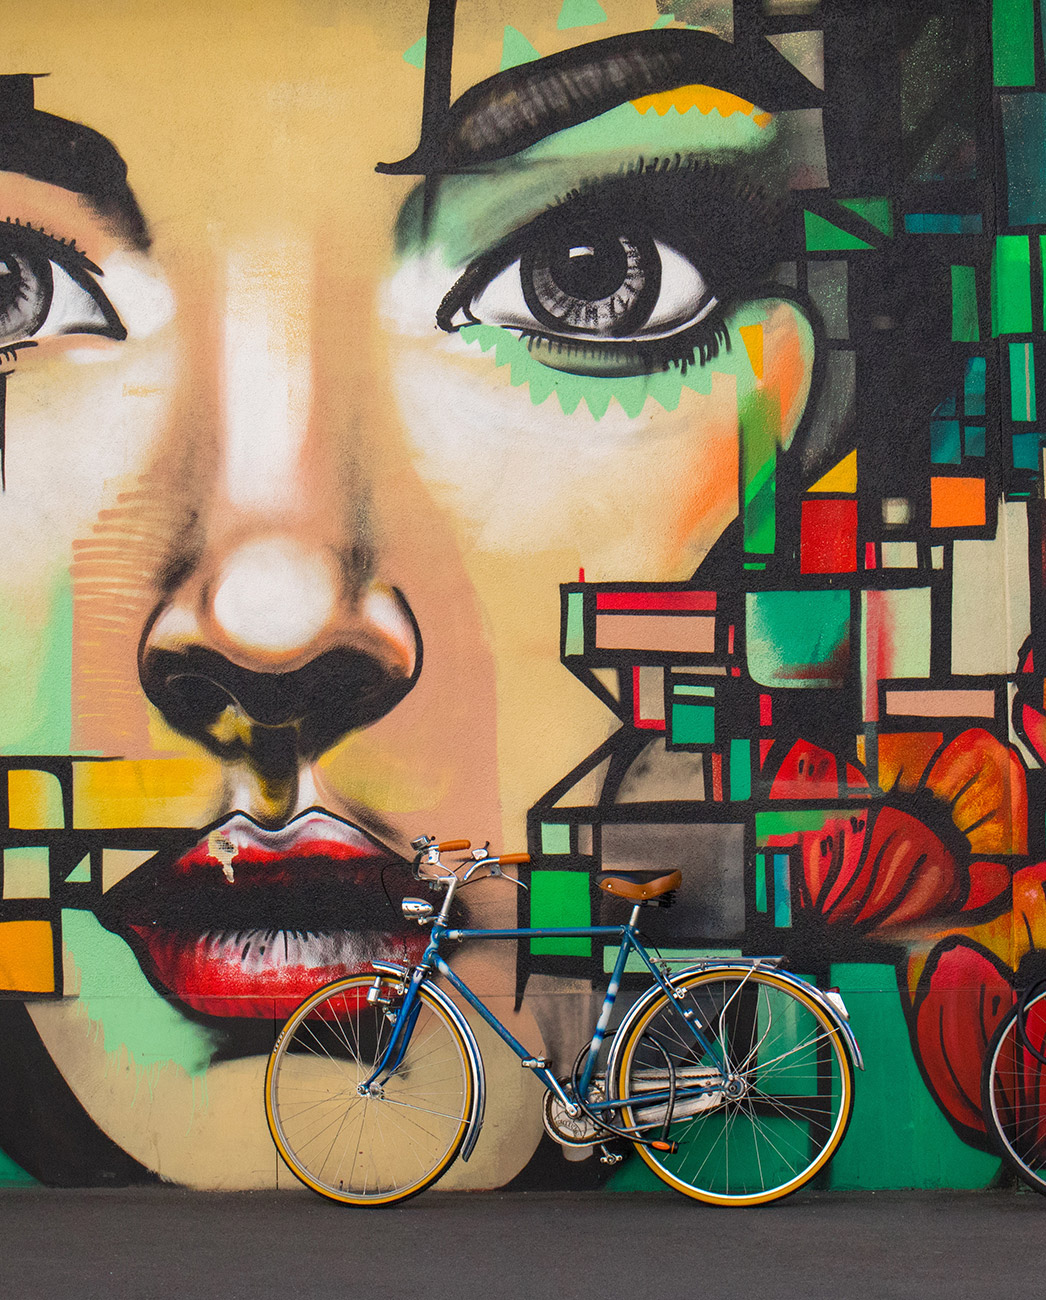 Bike Mural